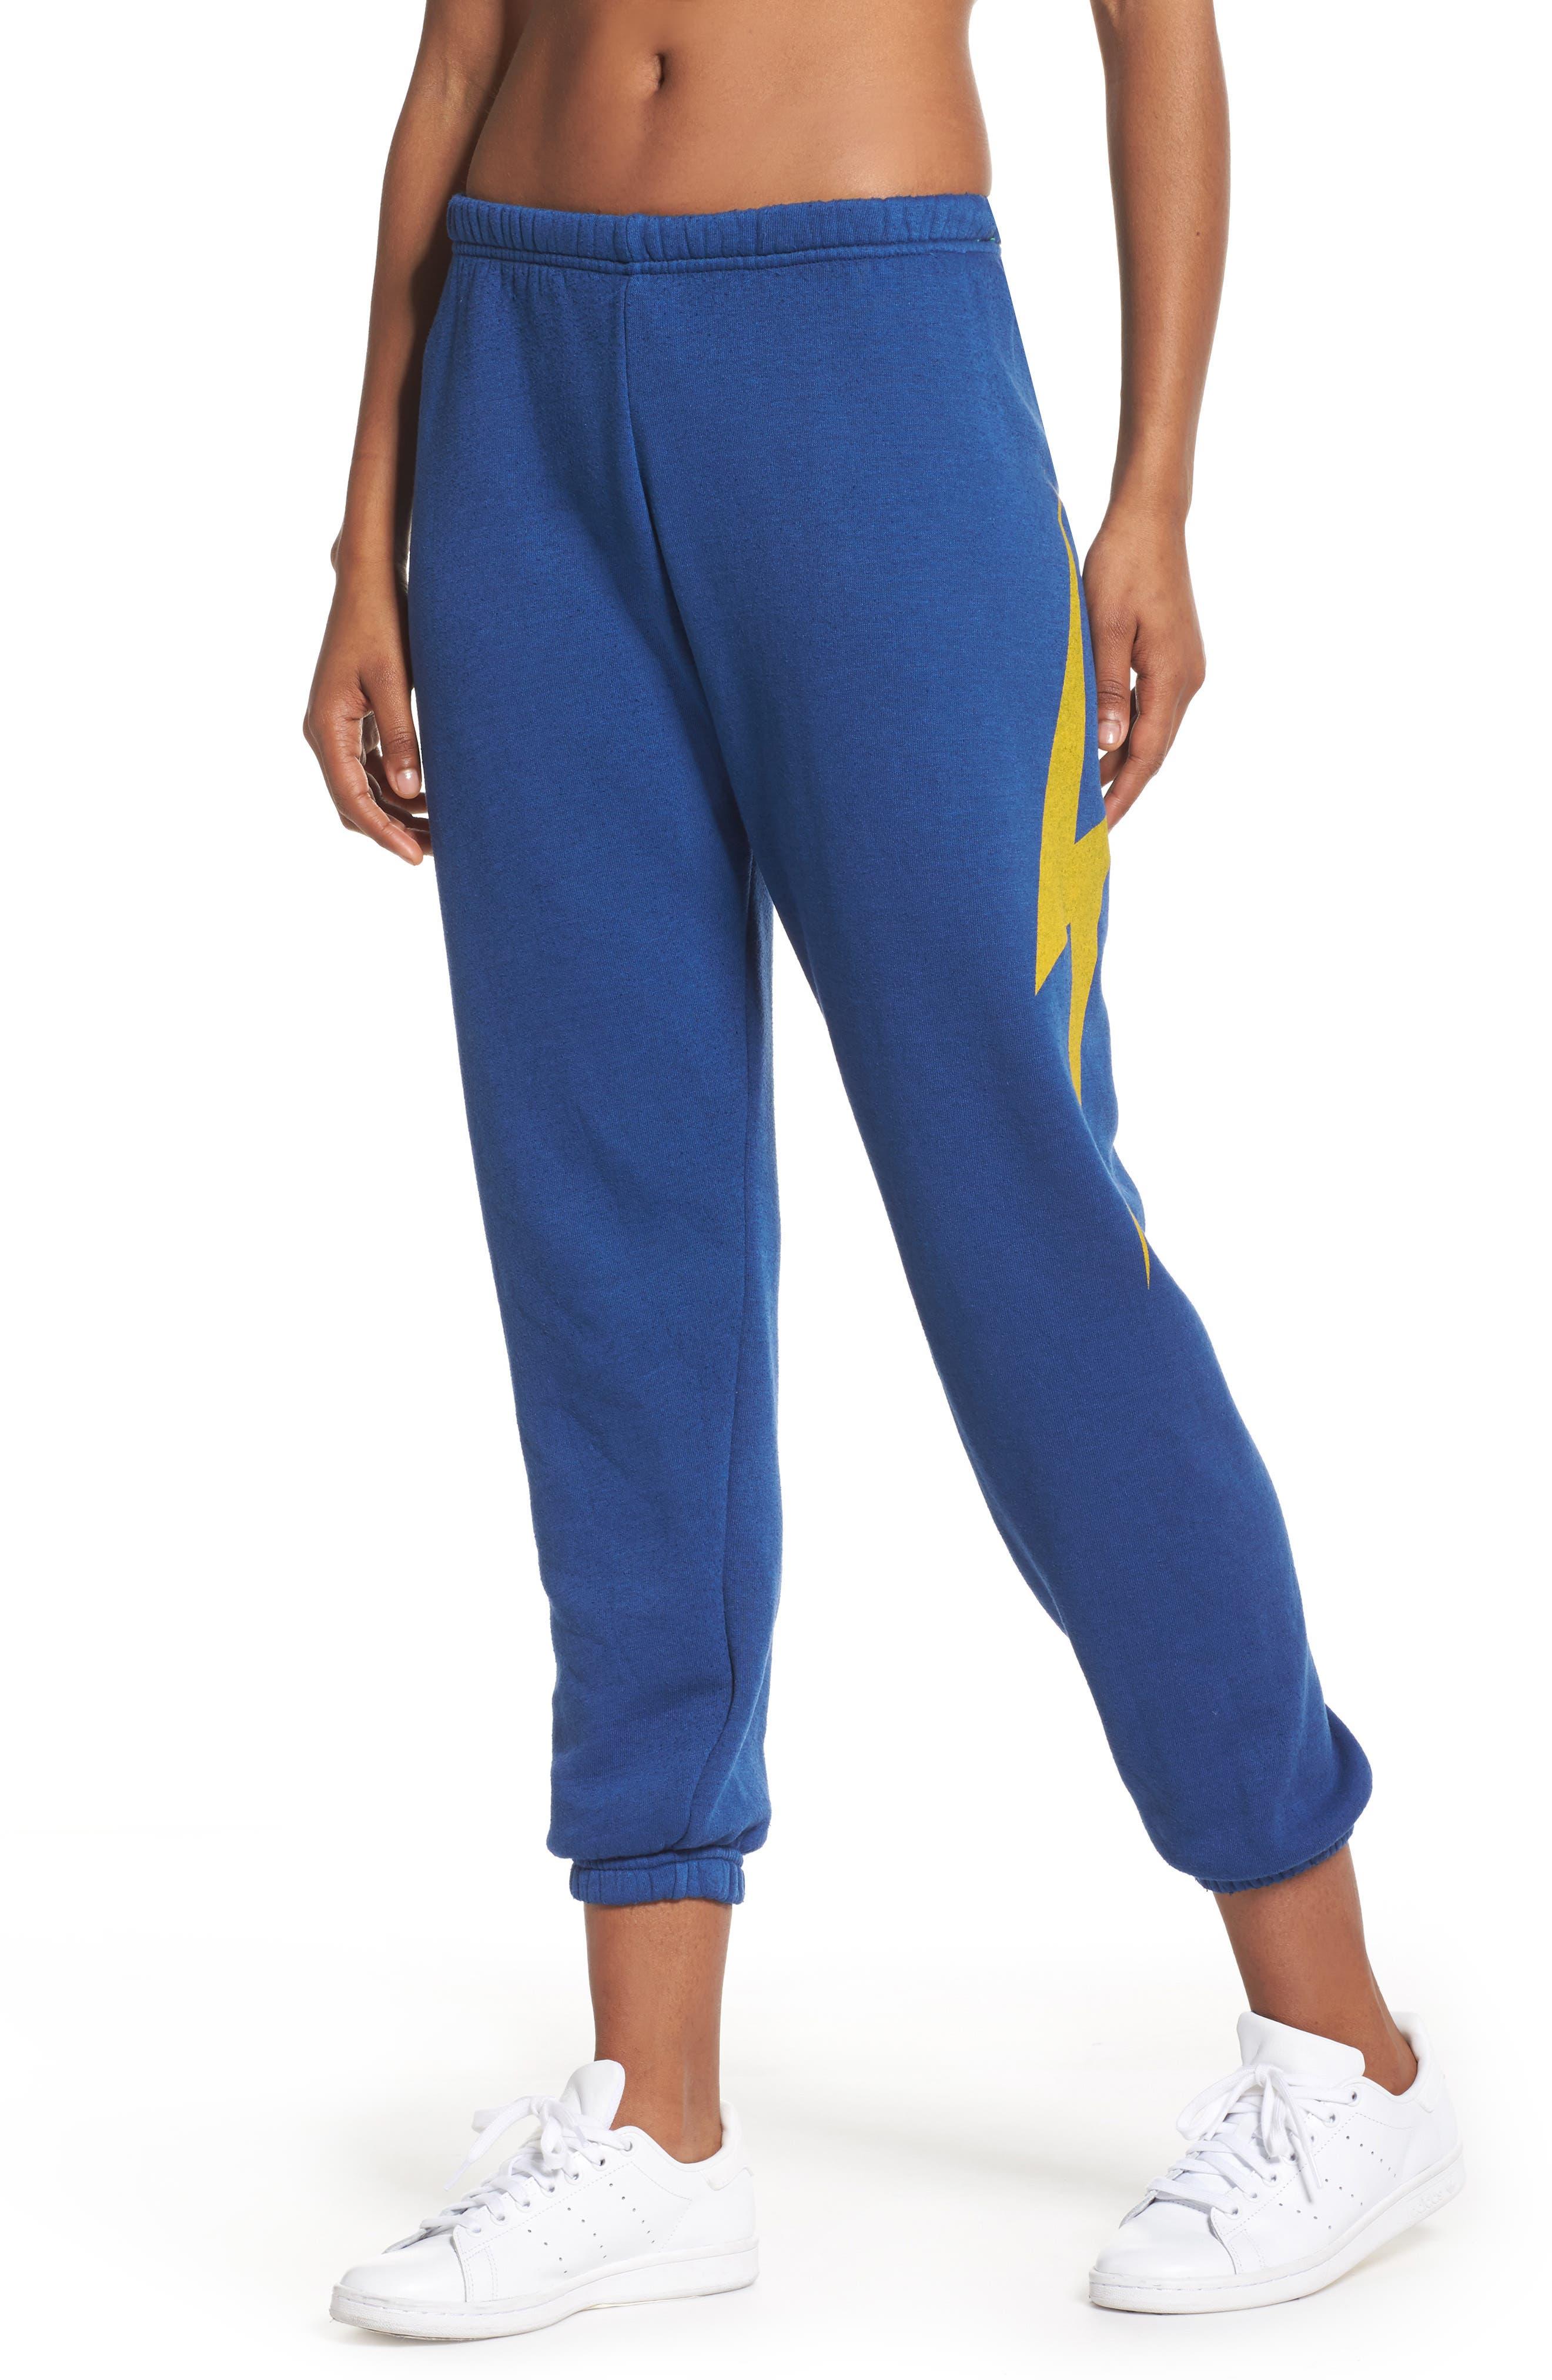 Bolt Sweatpants,                         Main,                         color, Royal Blue